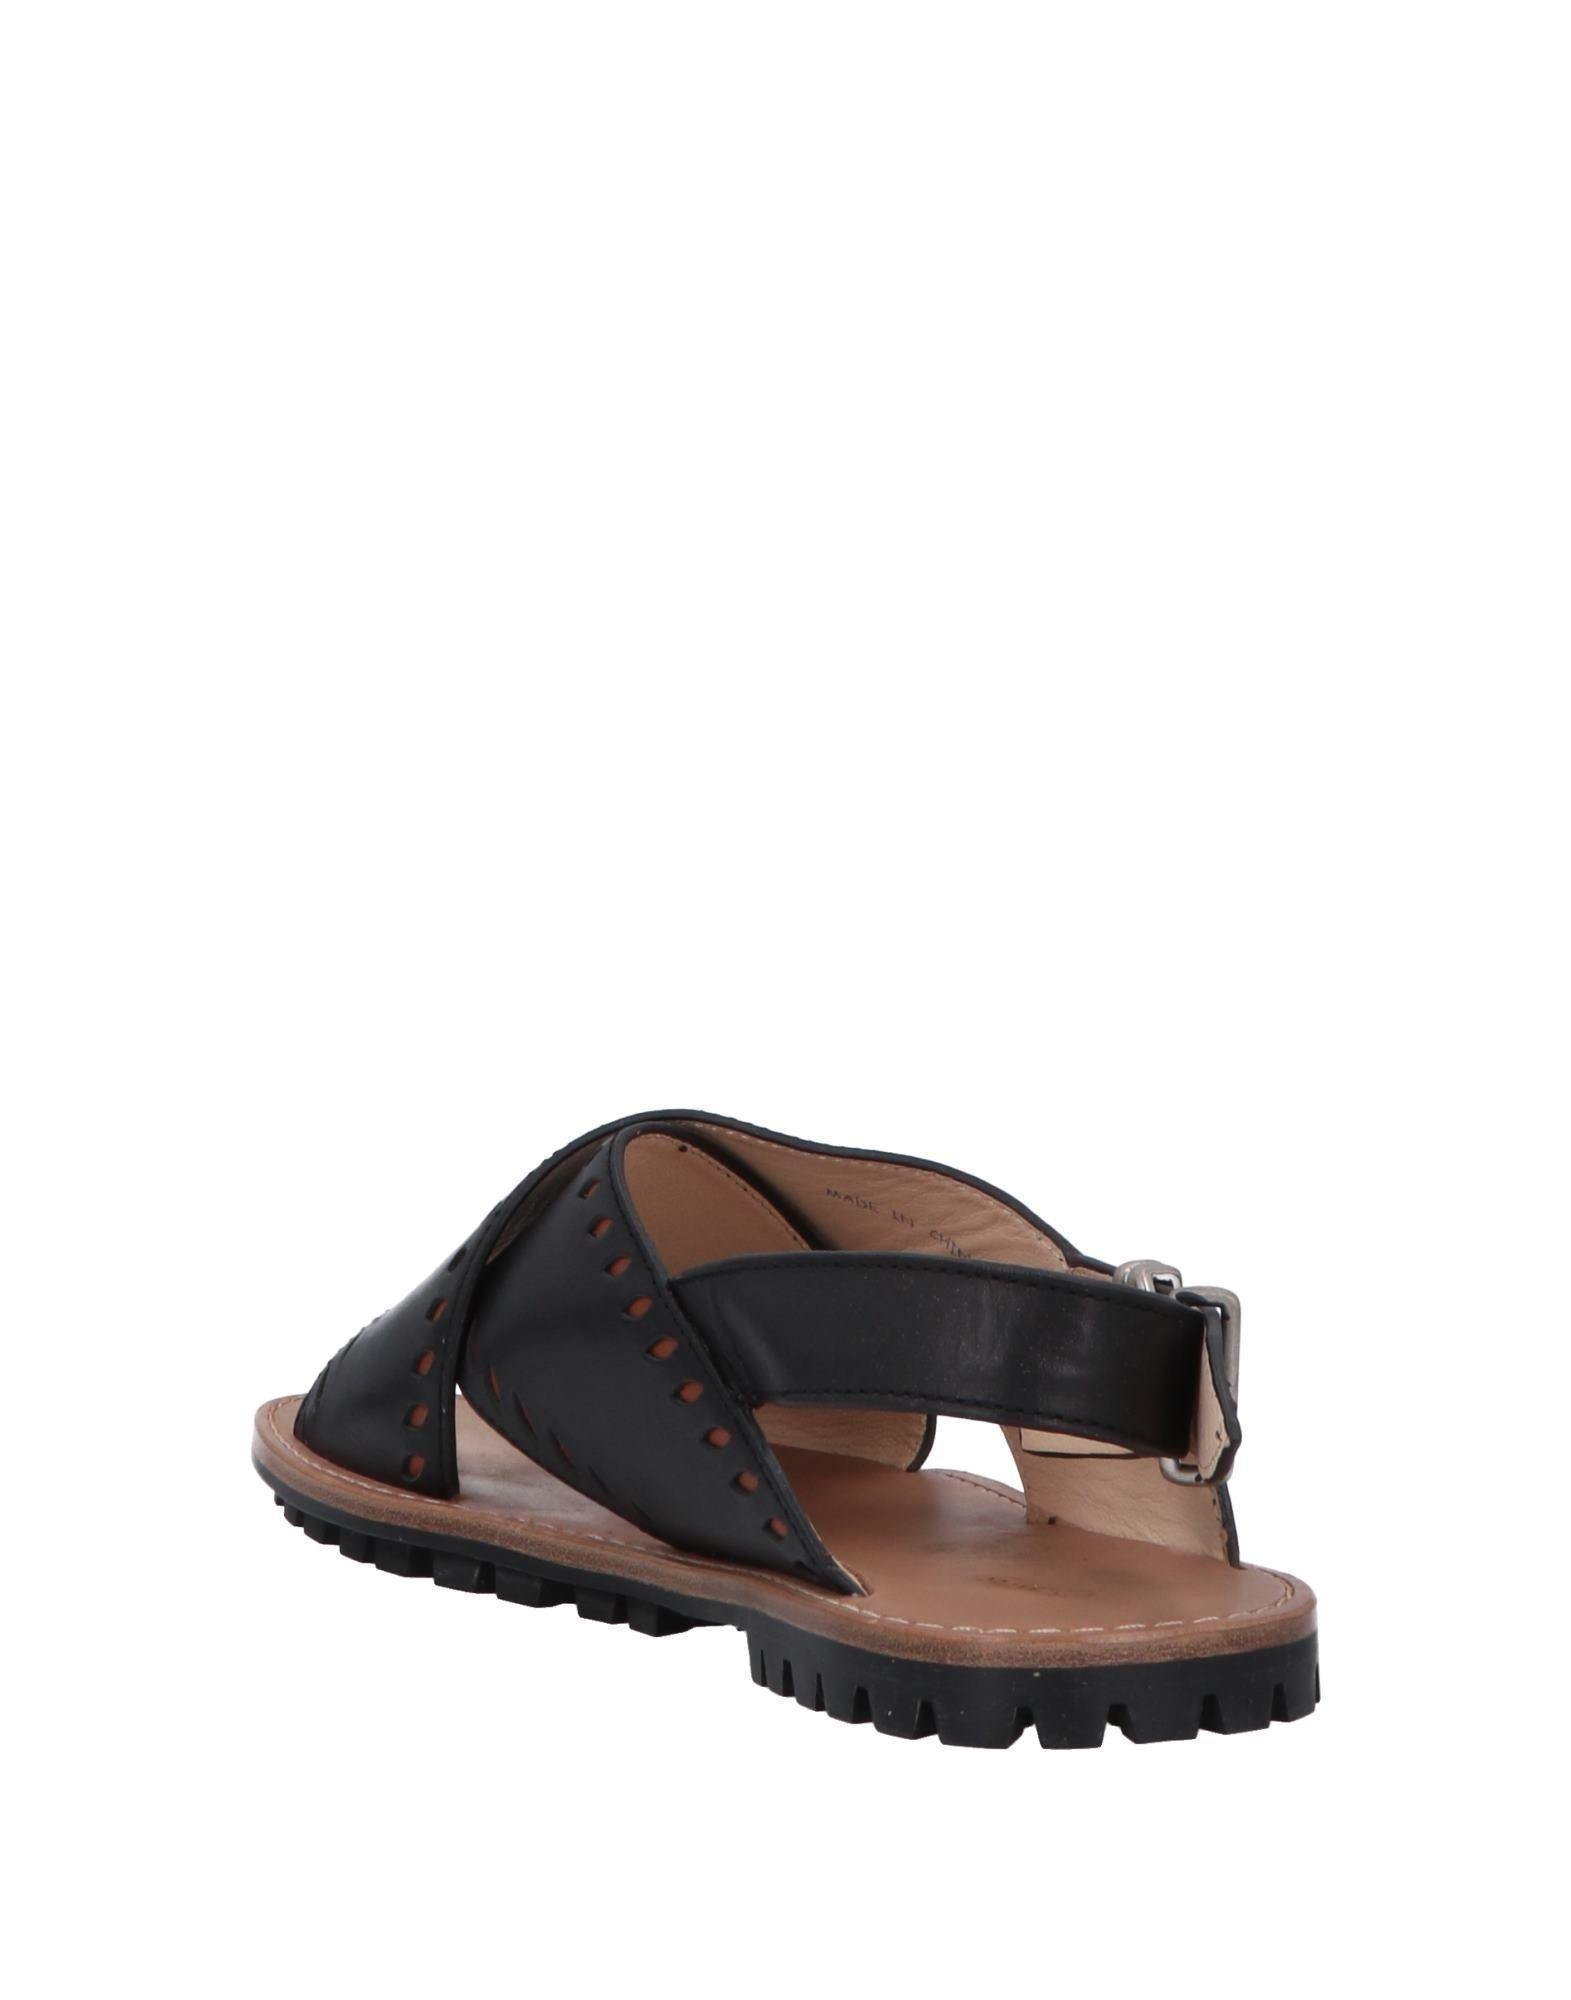 f4e4252f7c09 Lyst - Jil Sander Navy Sandals in Black